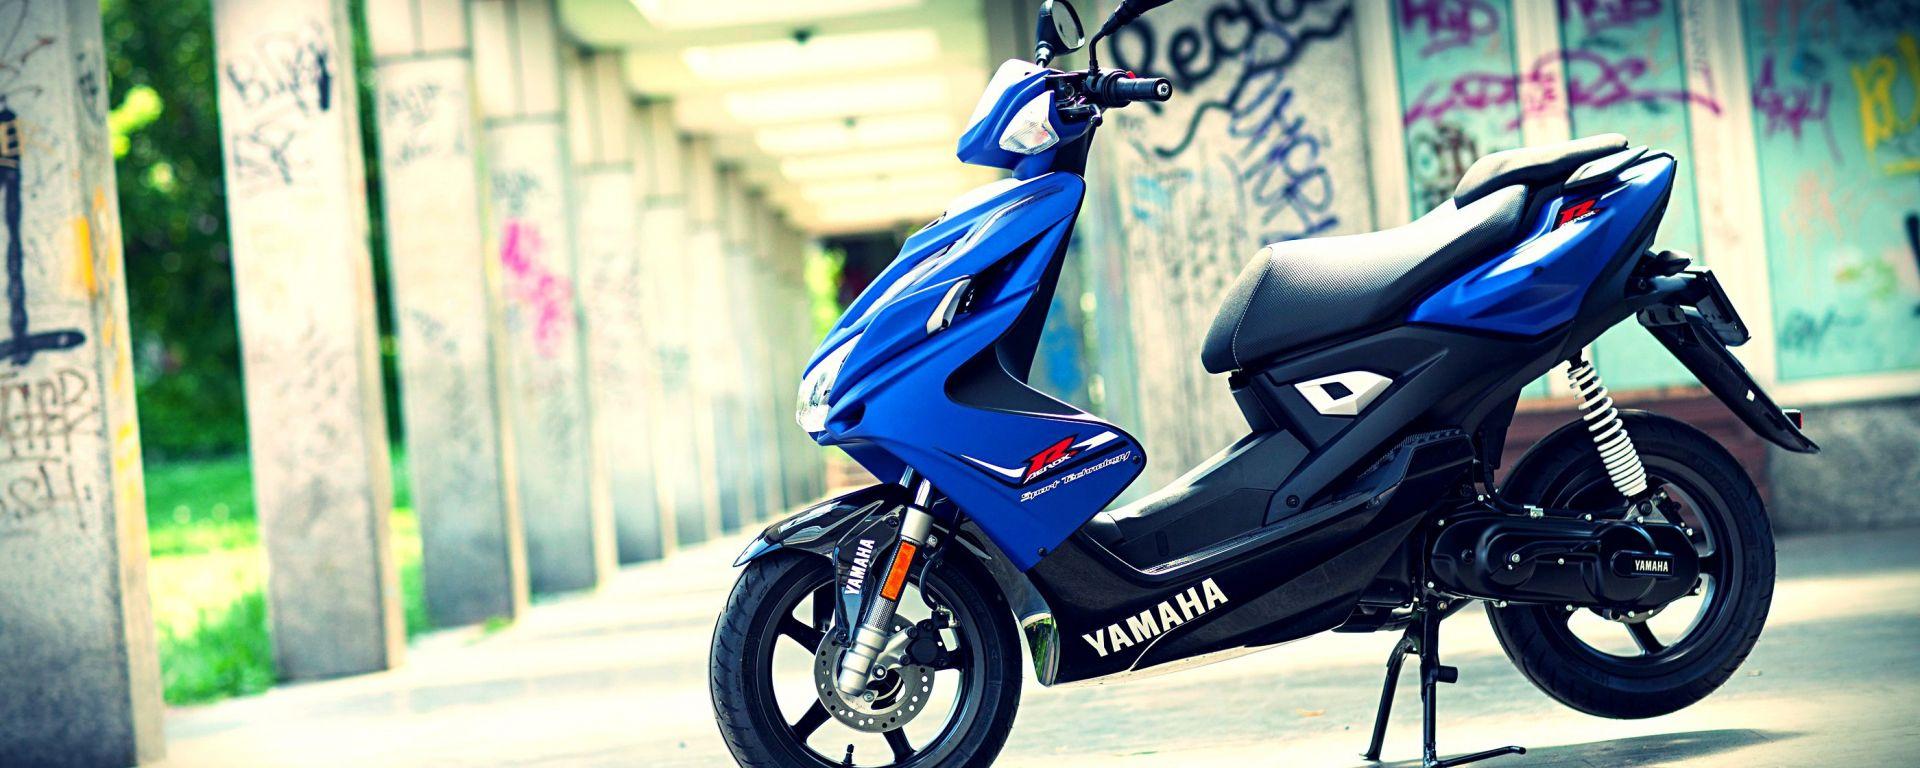 Prove Scooter: le novità del 2013